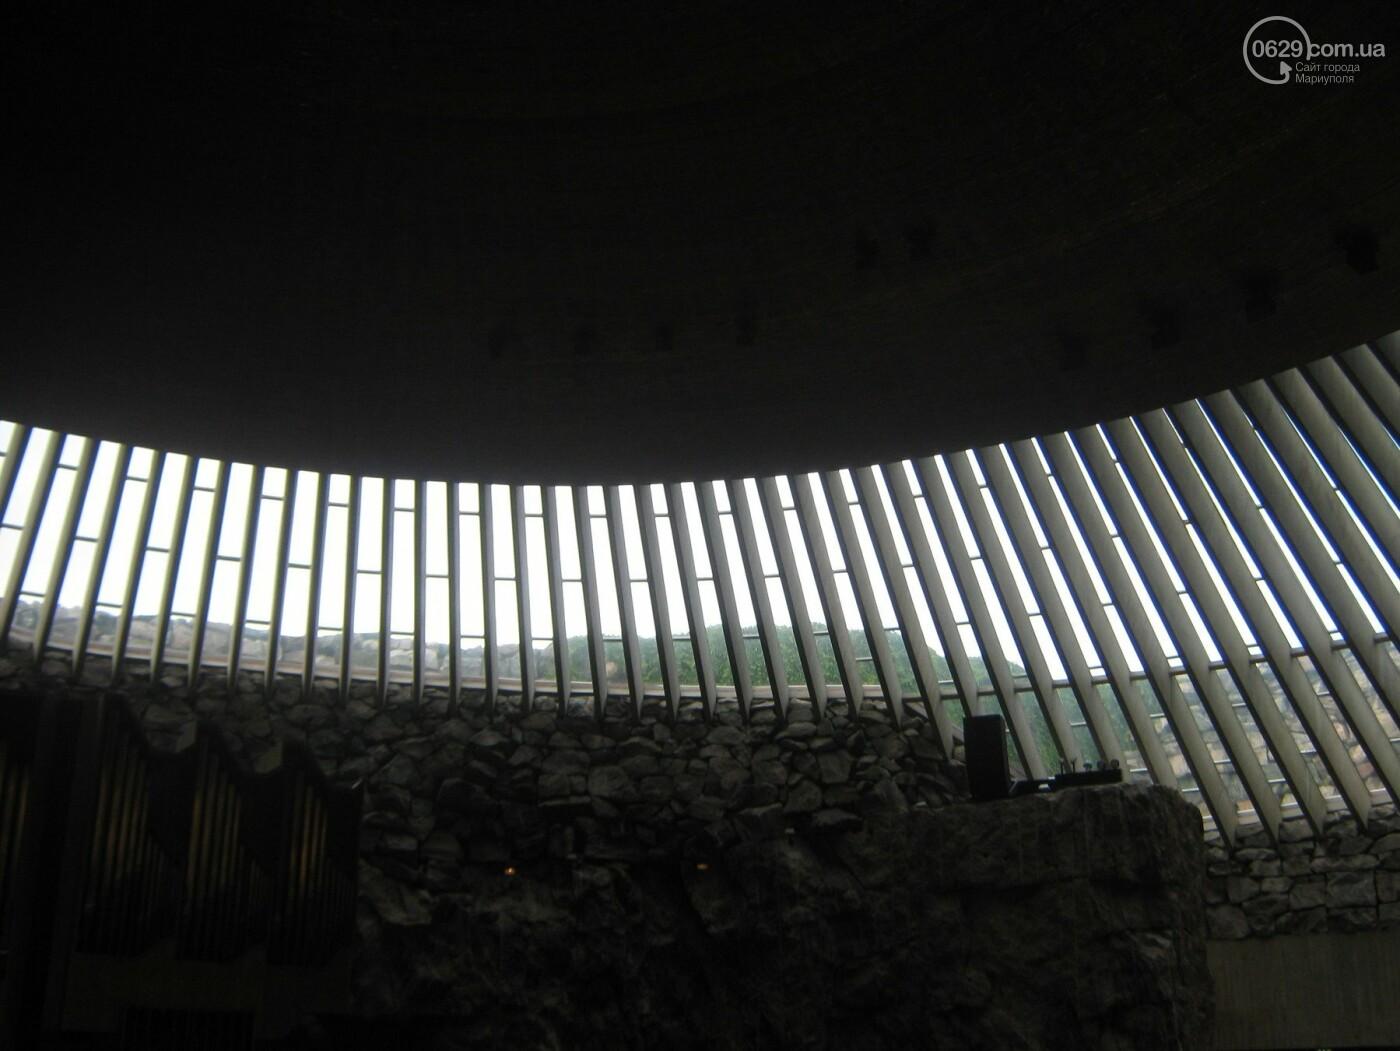 Как финны вывели на чистую воду мариупольских экологических активистов. Тревел-стори с Сергеем Коссе. Финляндия, фото-12